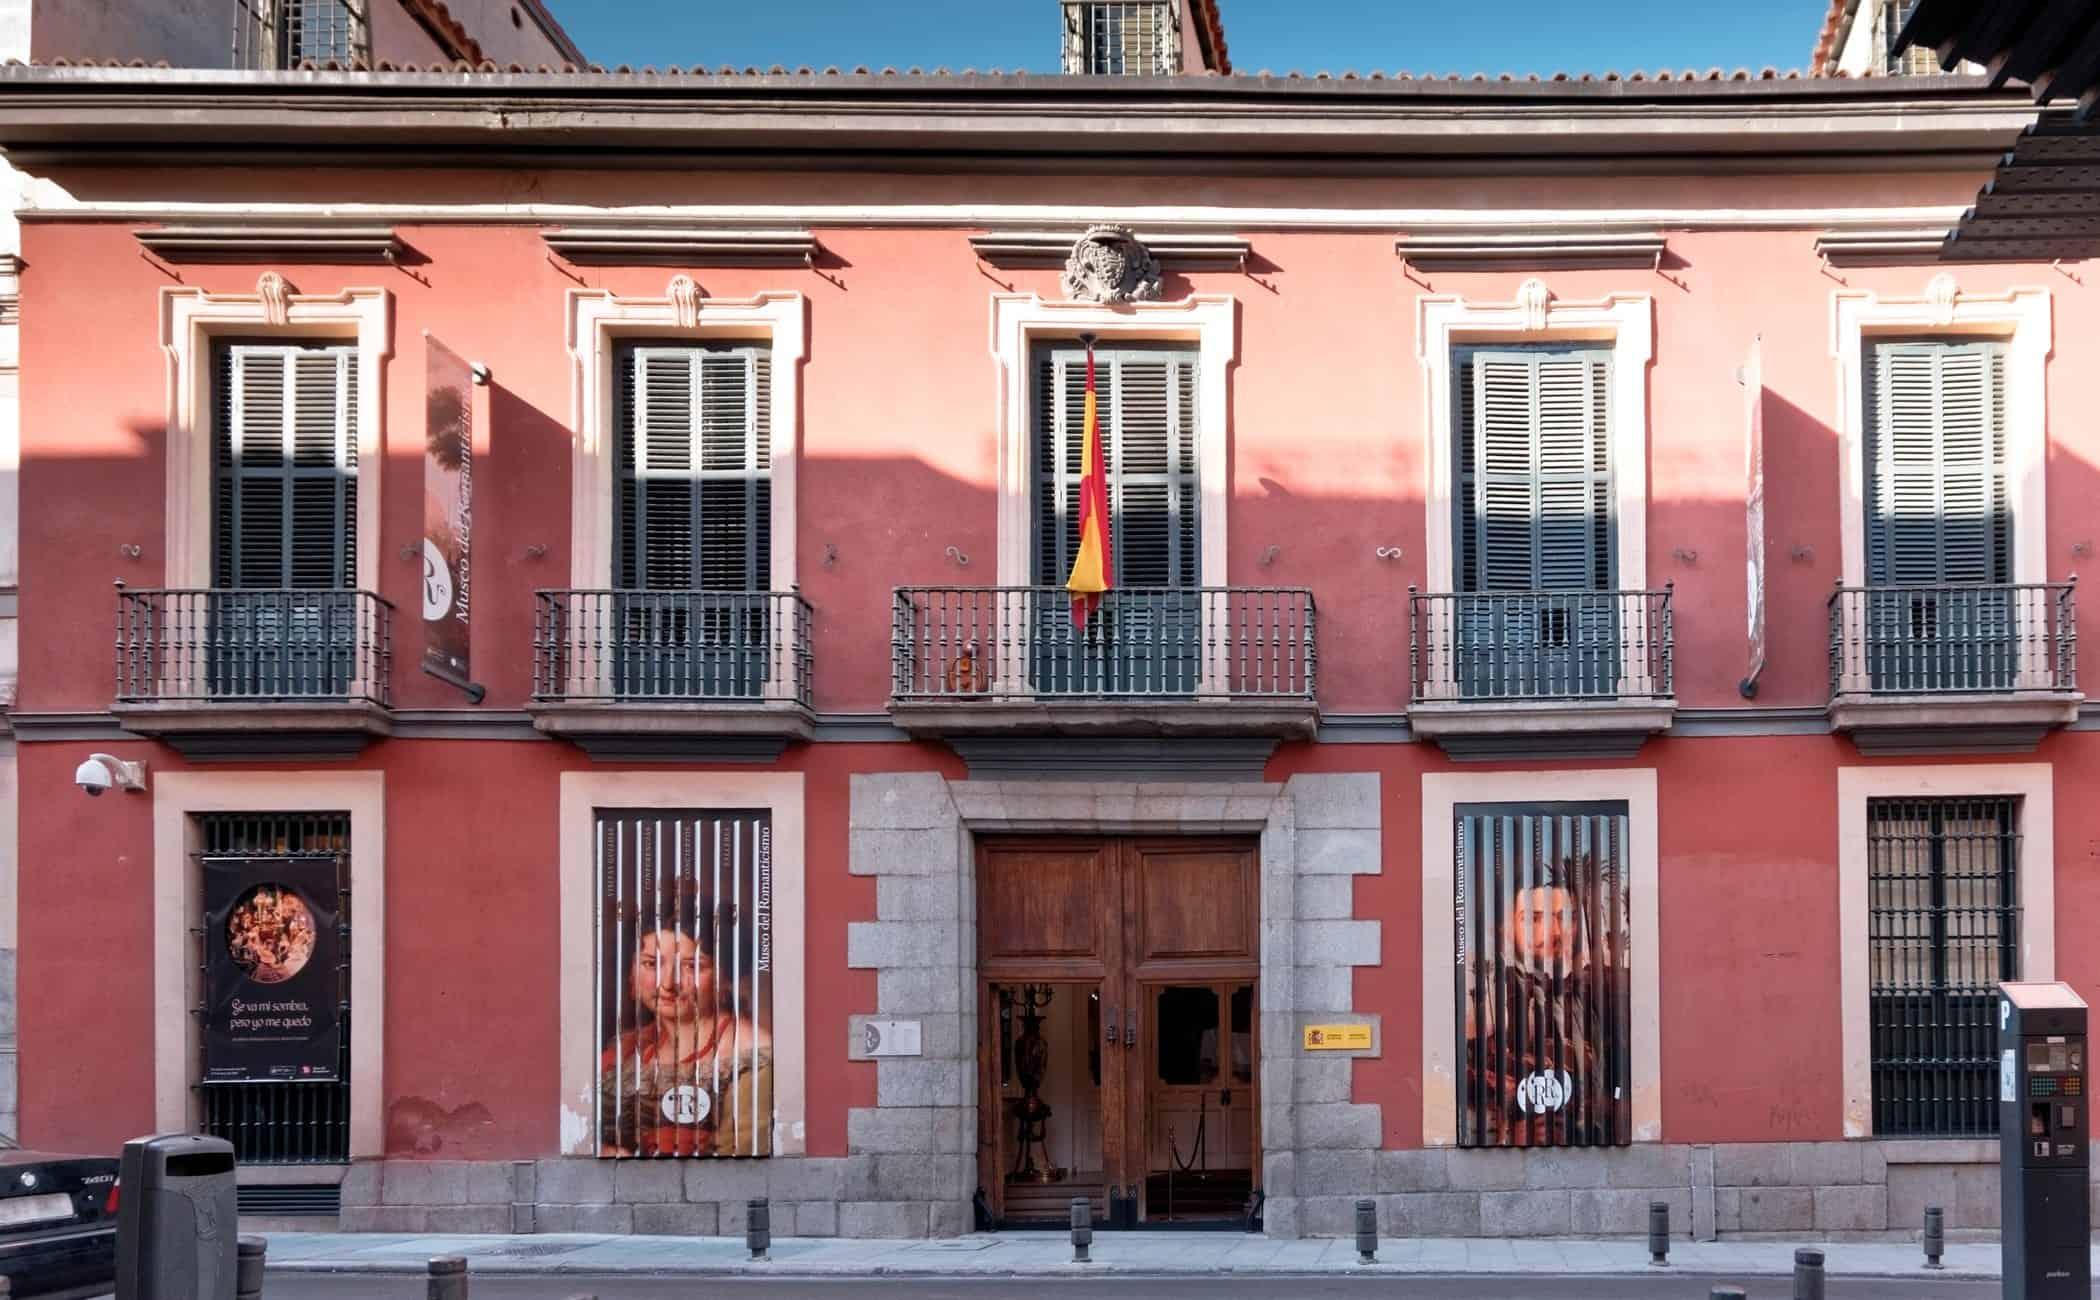 Museo del Romanticismo - Los 5 mejores museos para visitar en Madrid.